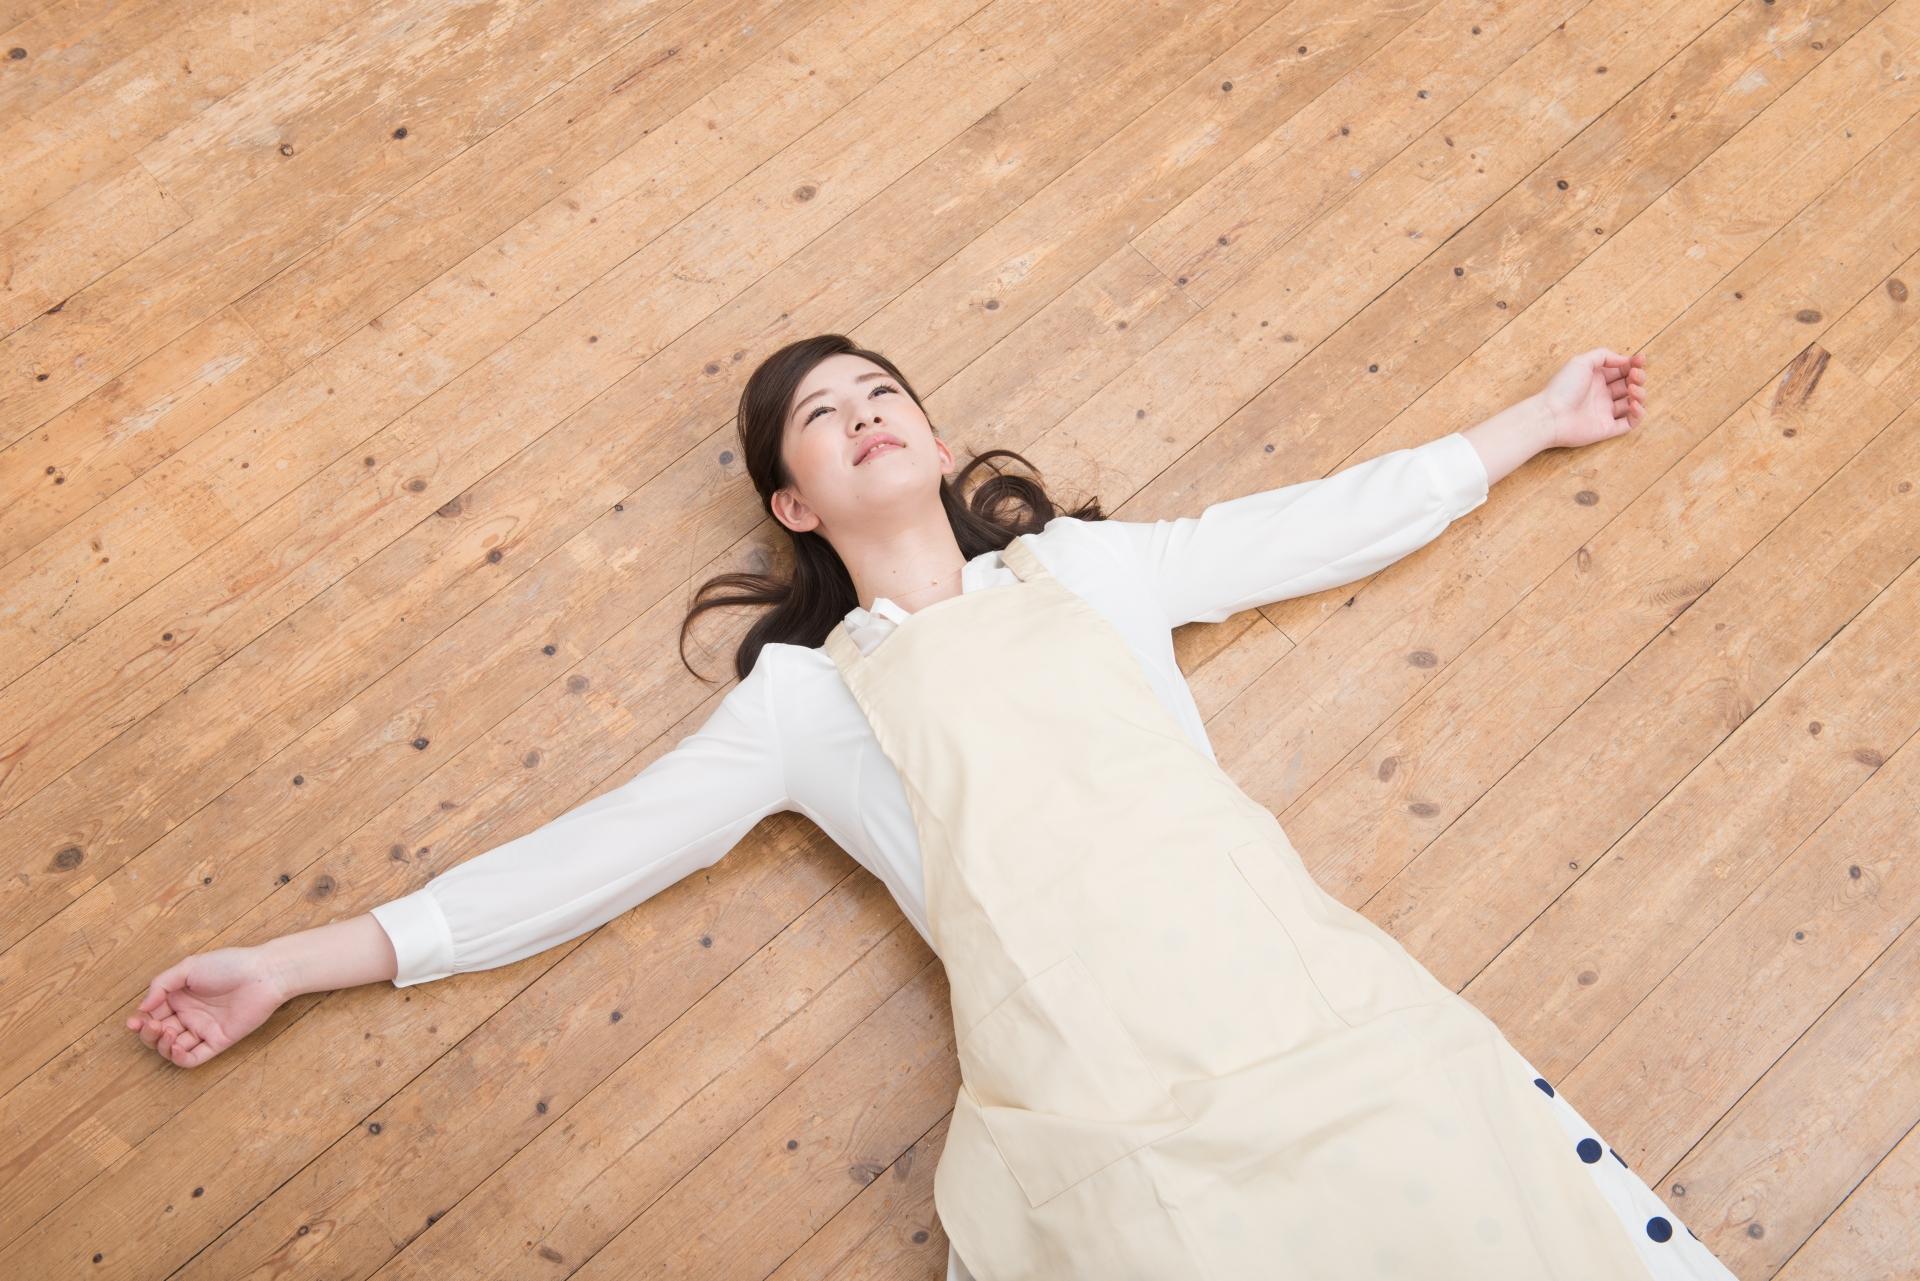 夫婦関係を修復・・・結婚生活・ストレス、辛い・・・悩んでいるあなたへ